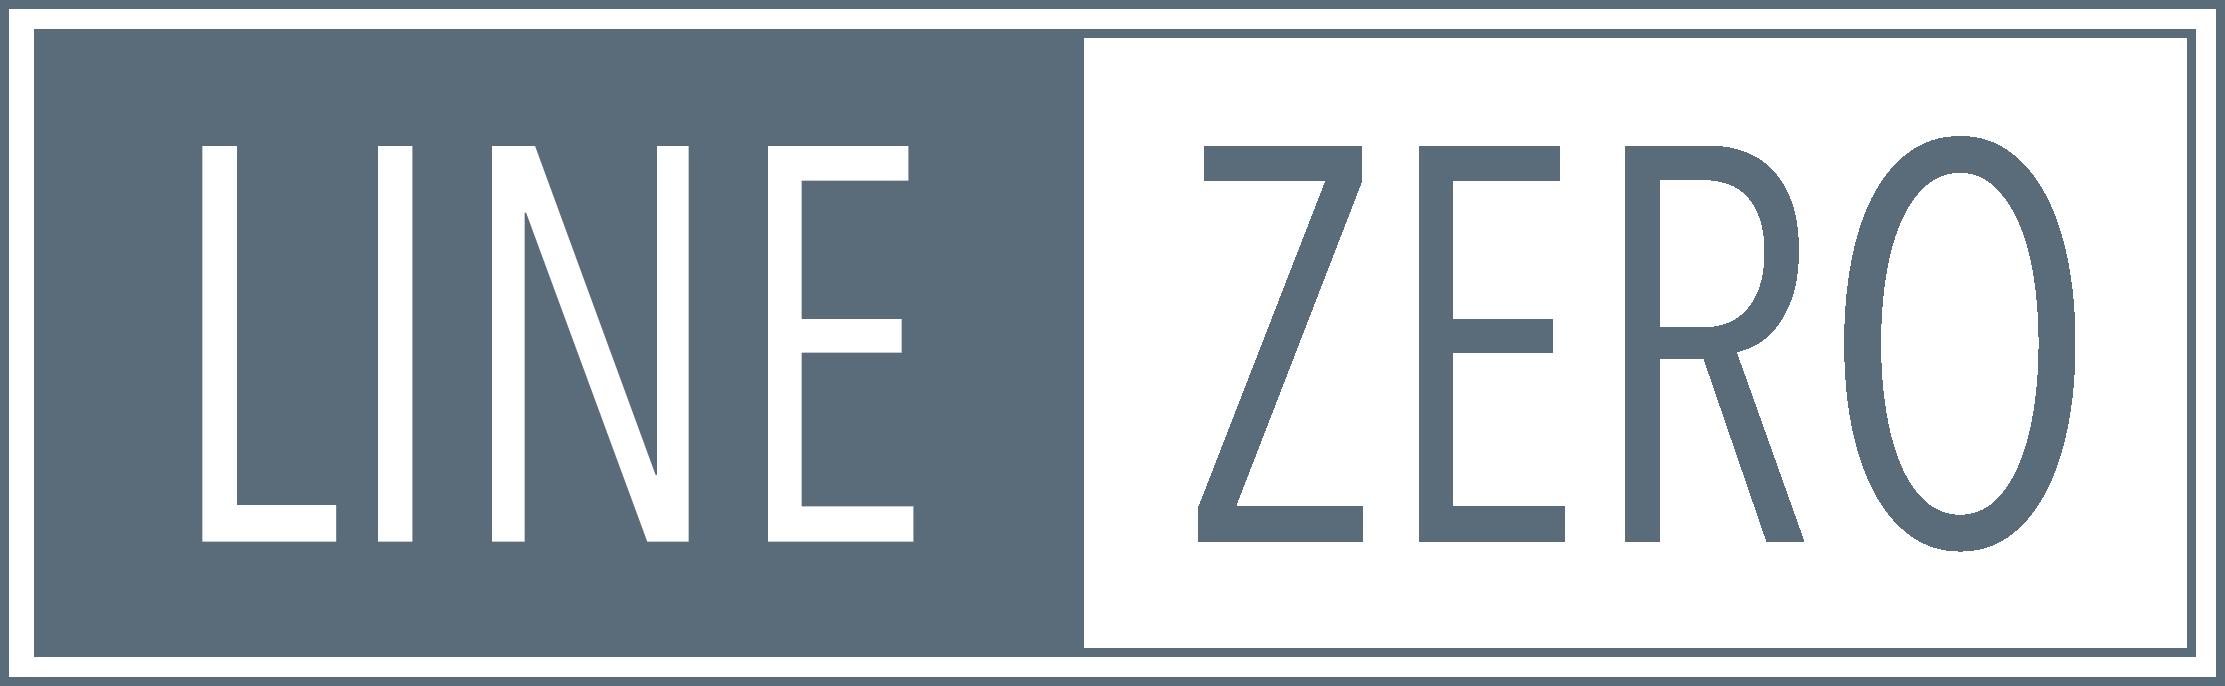 line-zero-logo